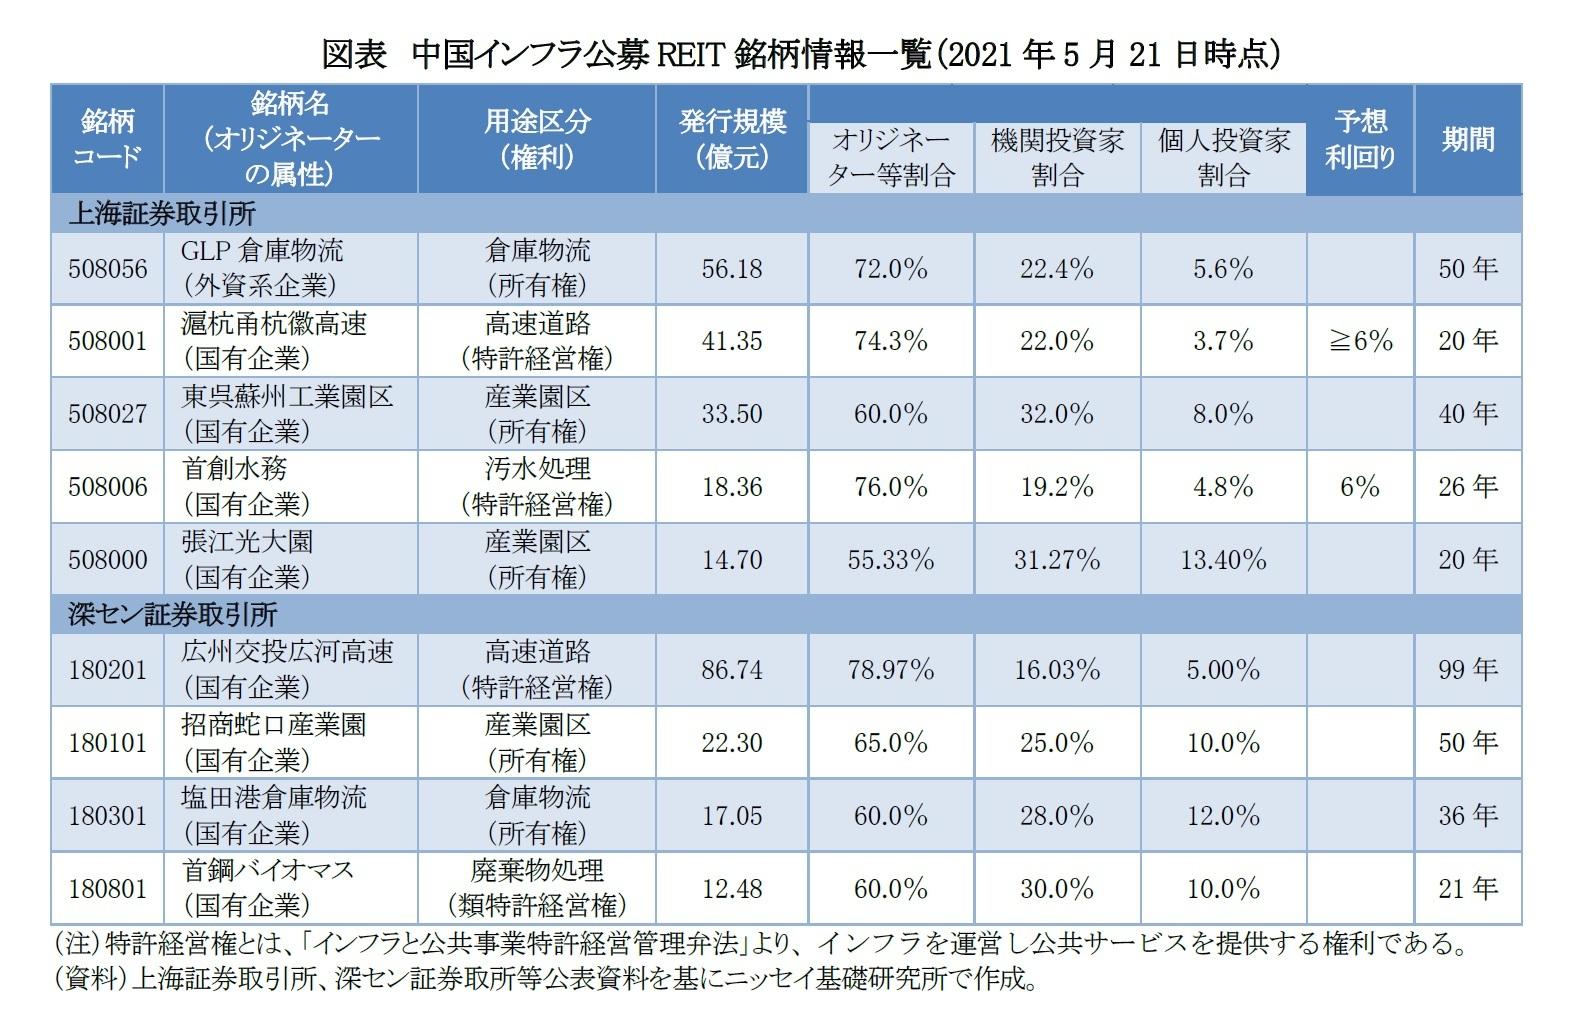 図表 中国インフラ公募REIT銘柄情報一覧(2021年5月21日時点)